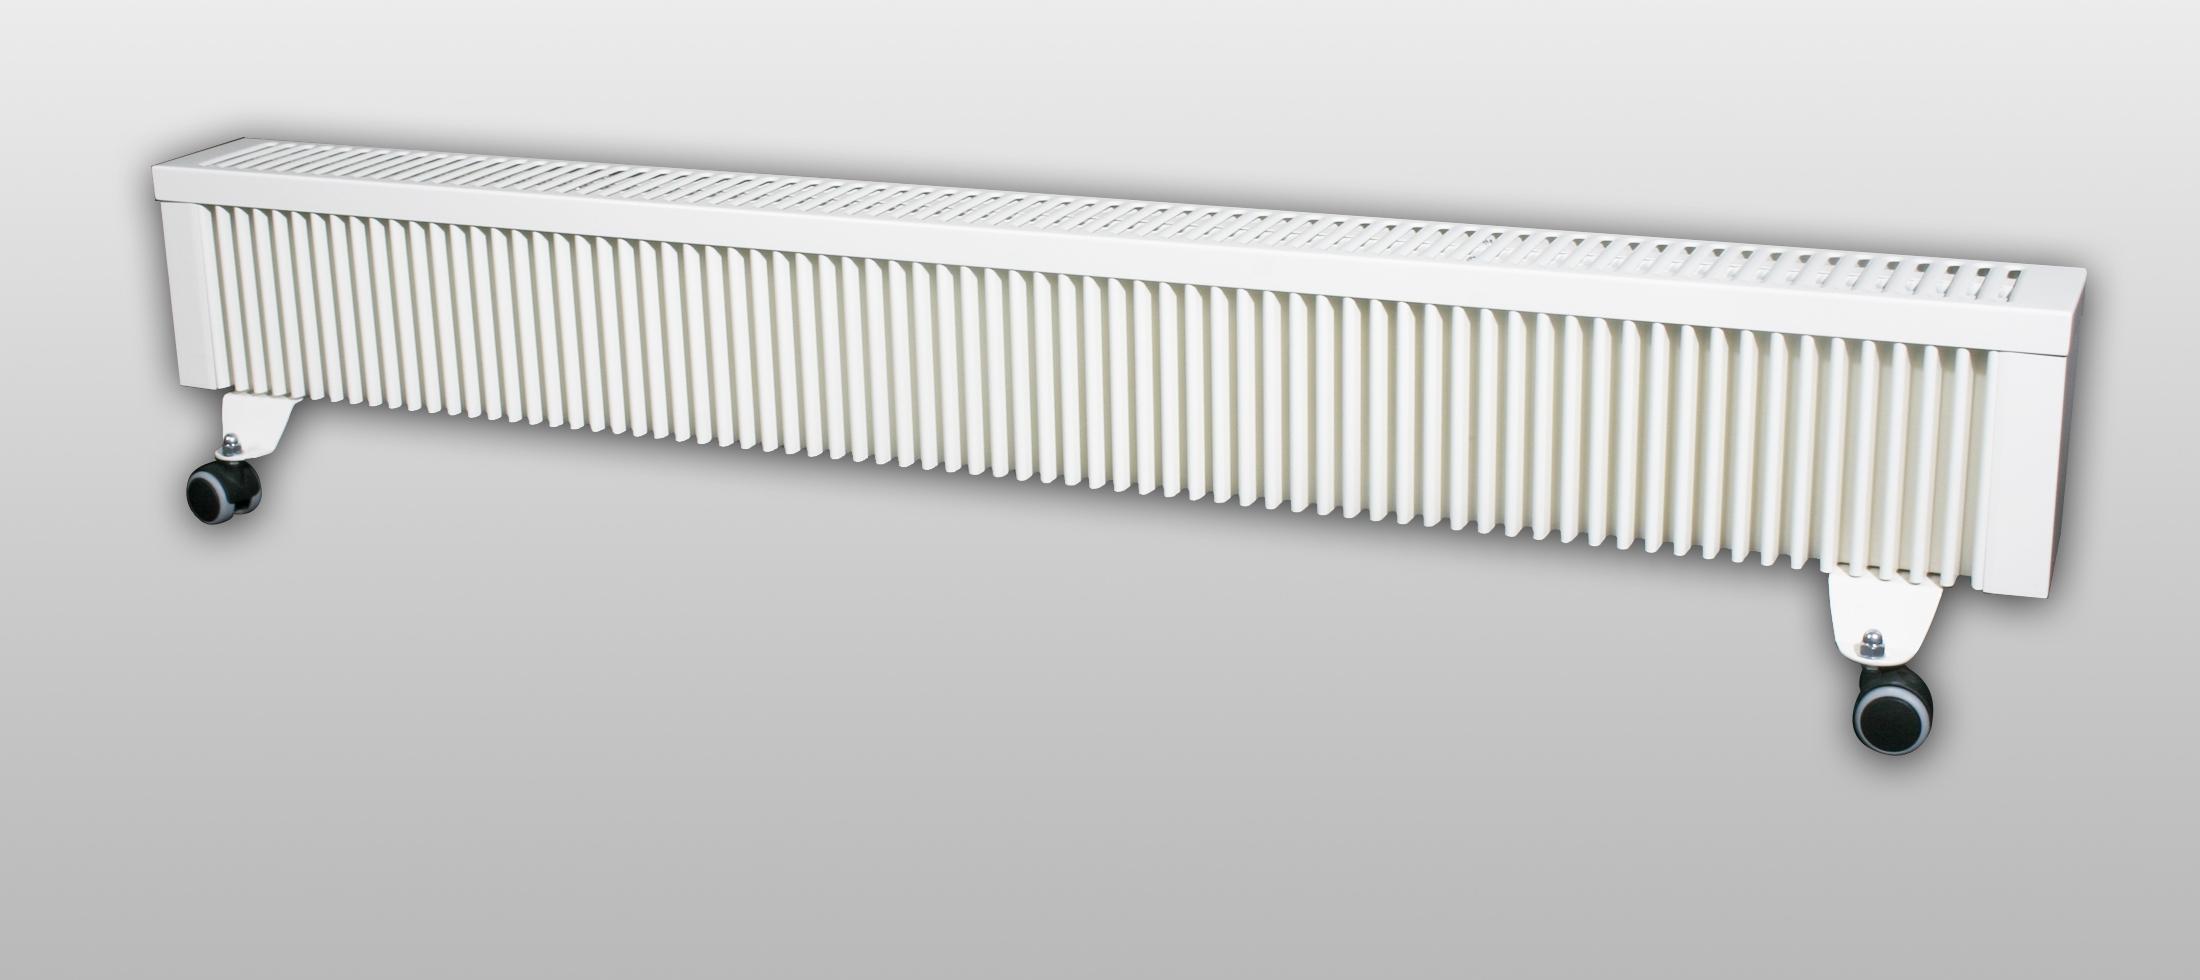 Dvojitý nízký topný panel, TYP HK250, 2500 W